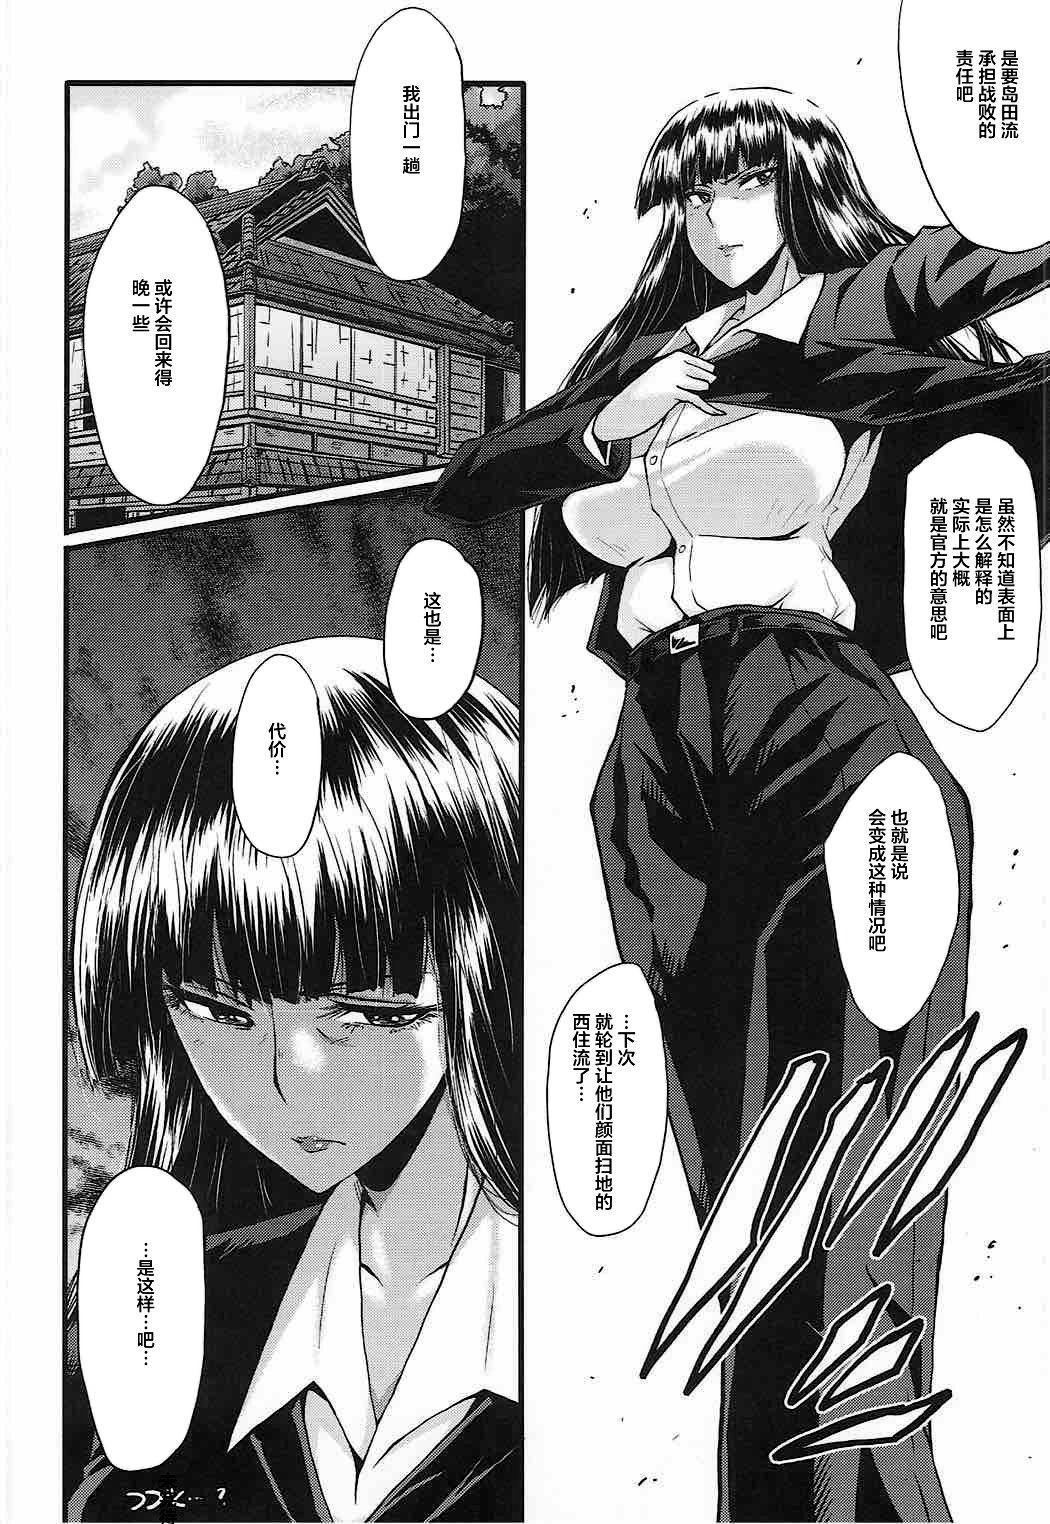 Urabambi Vol. 55 Yuukan Madam no Shiroi Niku 24